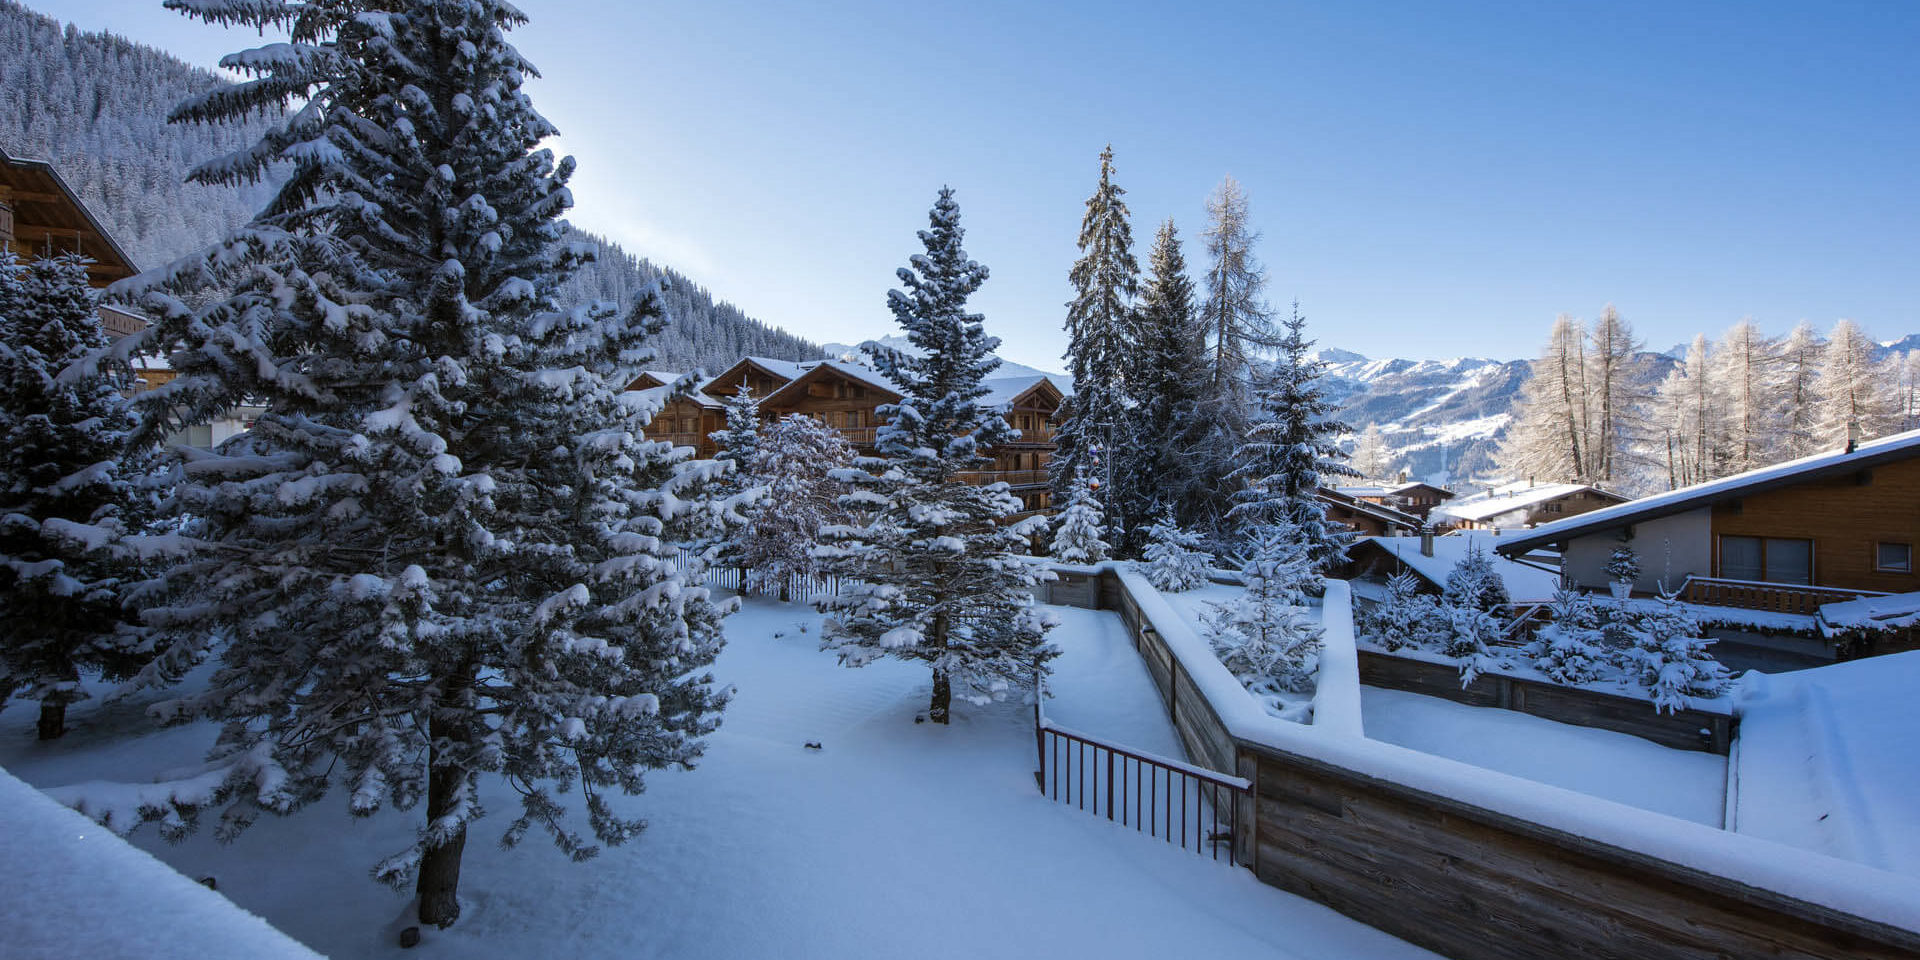 Appartement Rosalp 4 Verbier Les 4 Vallees Zwitserland wintersport skivakantie luxe uitzicht chalets besneeuwde bomen bergen sneeuw